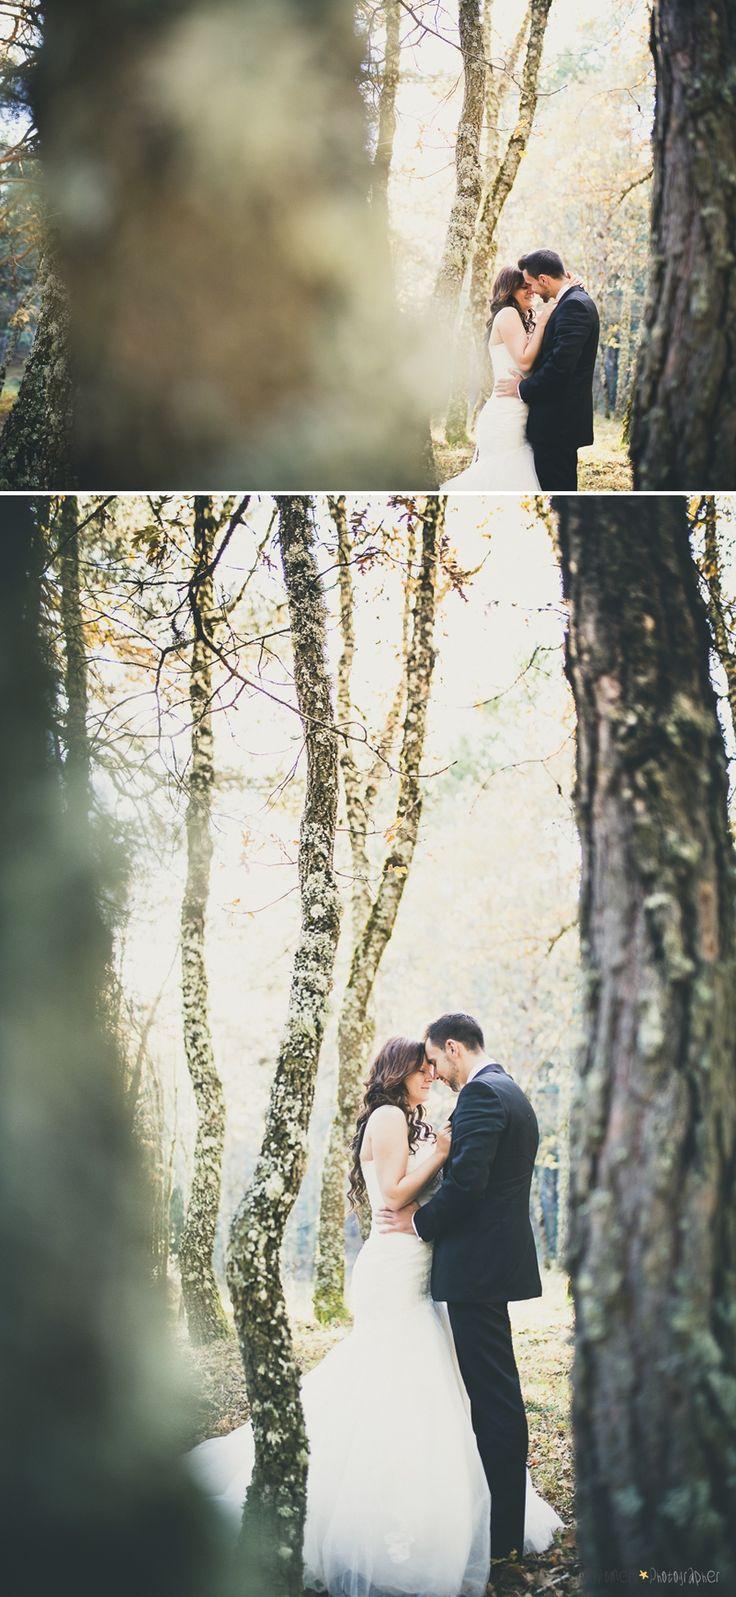 Katy+Chema | Postboda en Otoño » Fotógrafo de bodas en Madrid | Tony Romero | Fotografía documental de bodas